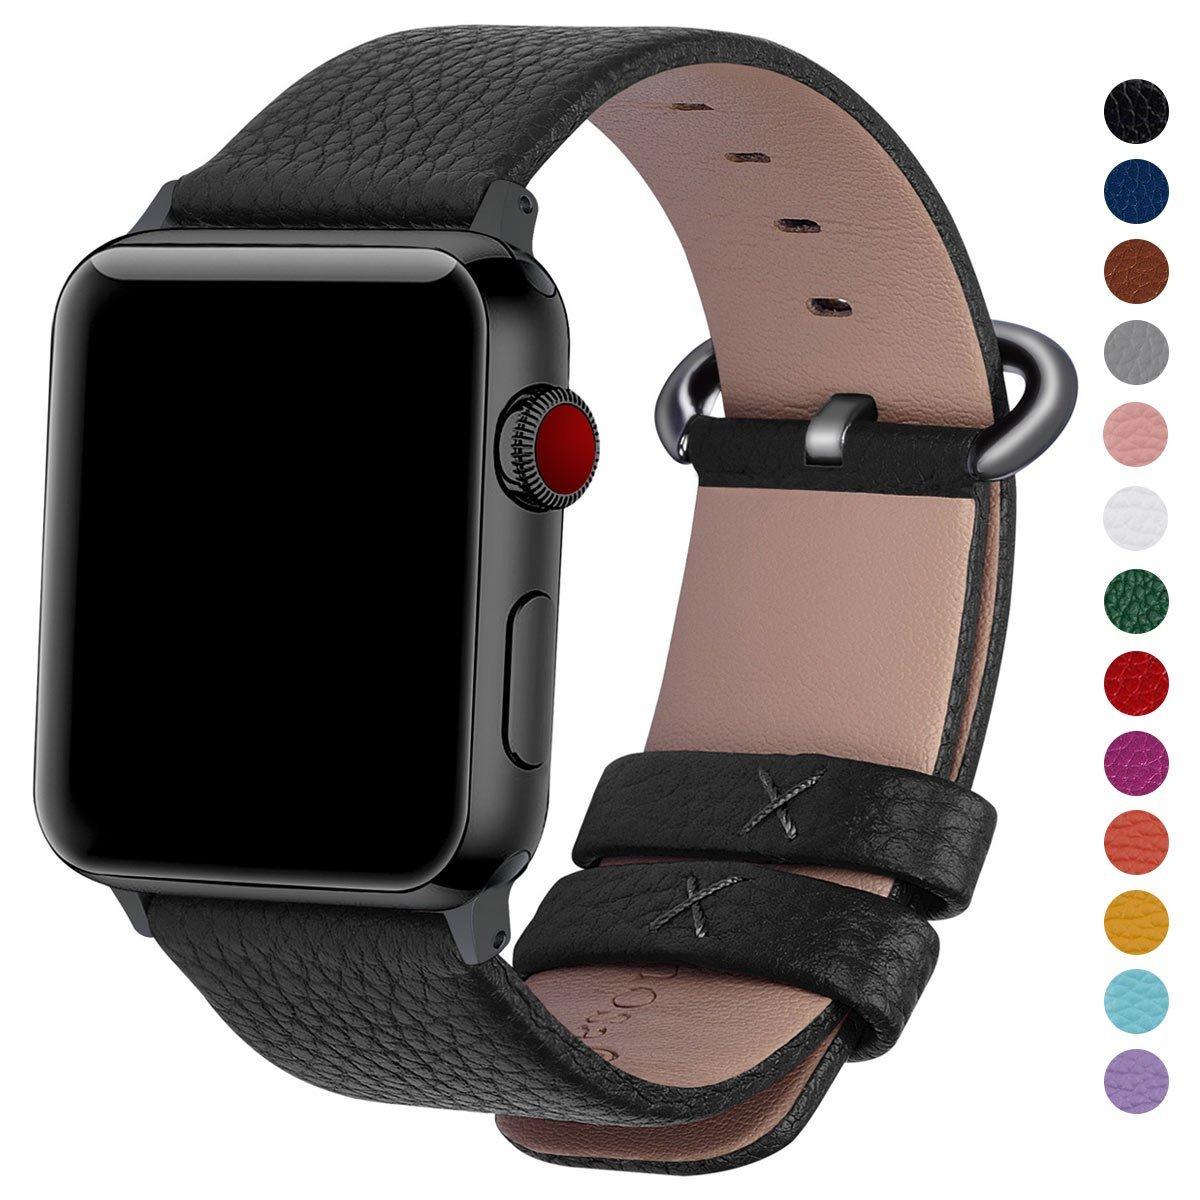 Fullmosa Apple Watch/iWatch Band 42mm 38mm, Genuine Leather iWatch Band/Strap for Apple Watch Series 3 Series 2 Series1 Nike+ Hermes&Edition, 42mm Black+Gunmetal Buckle